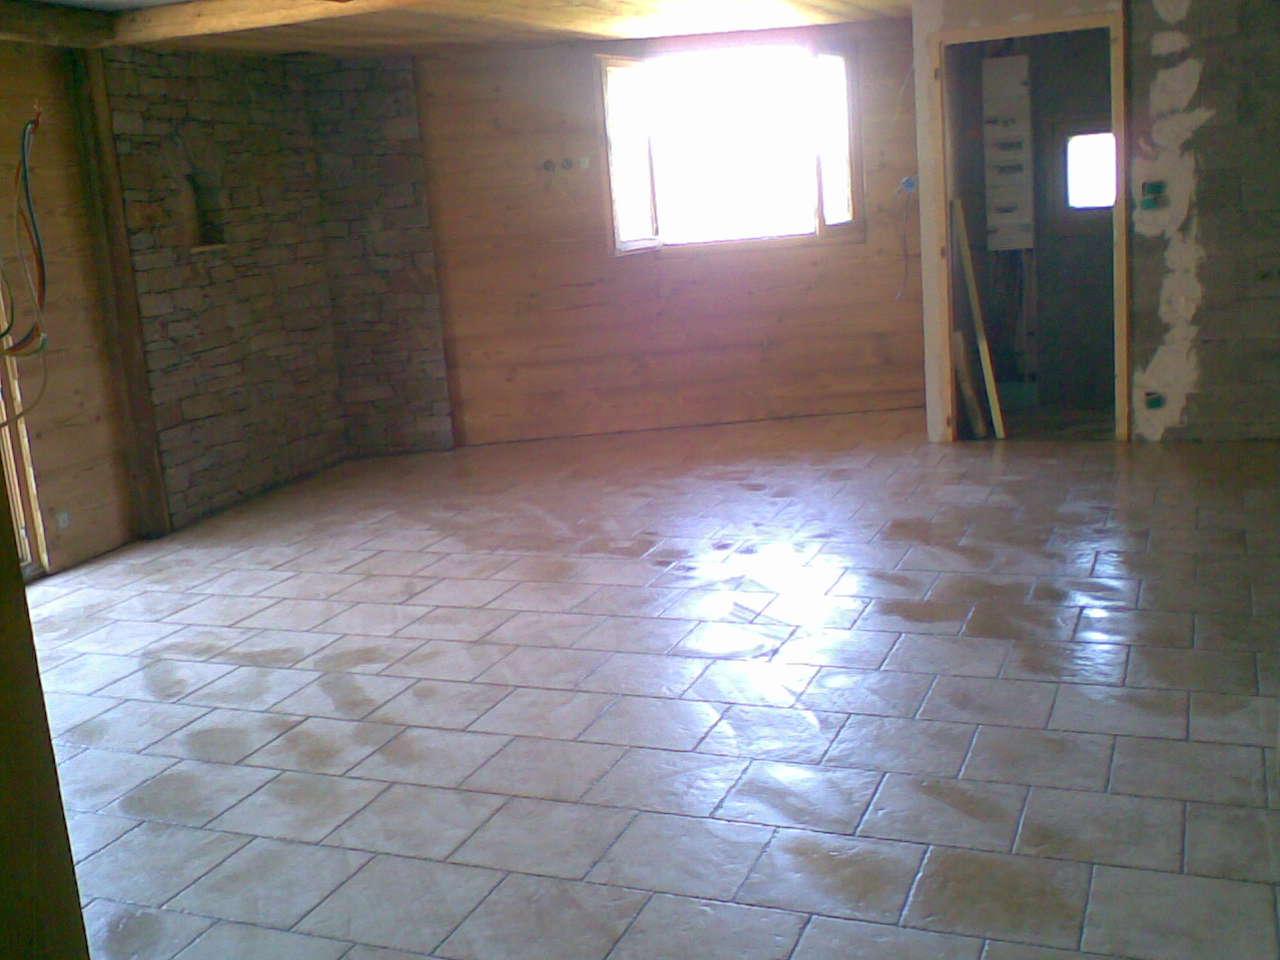 Service bricolage sol de salle manger carrelage en for Solde salle a manger